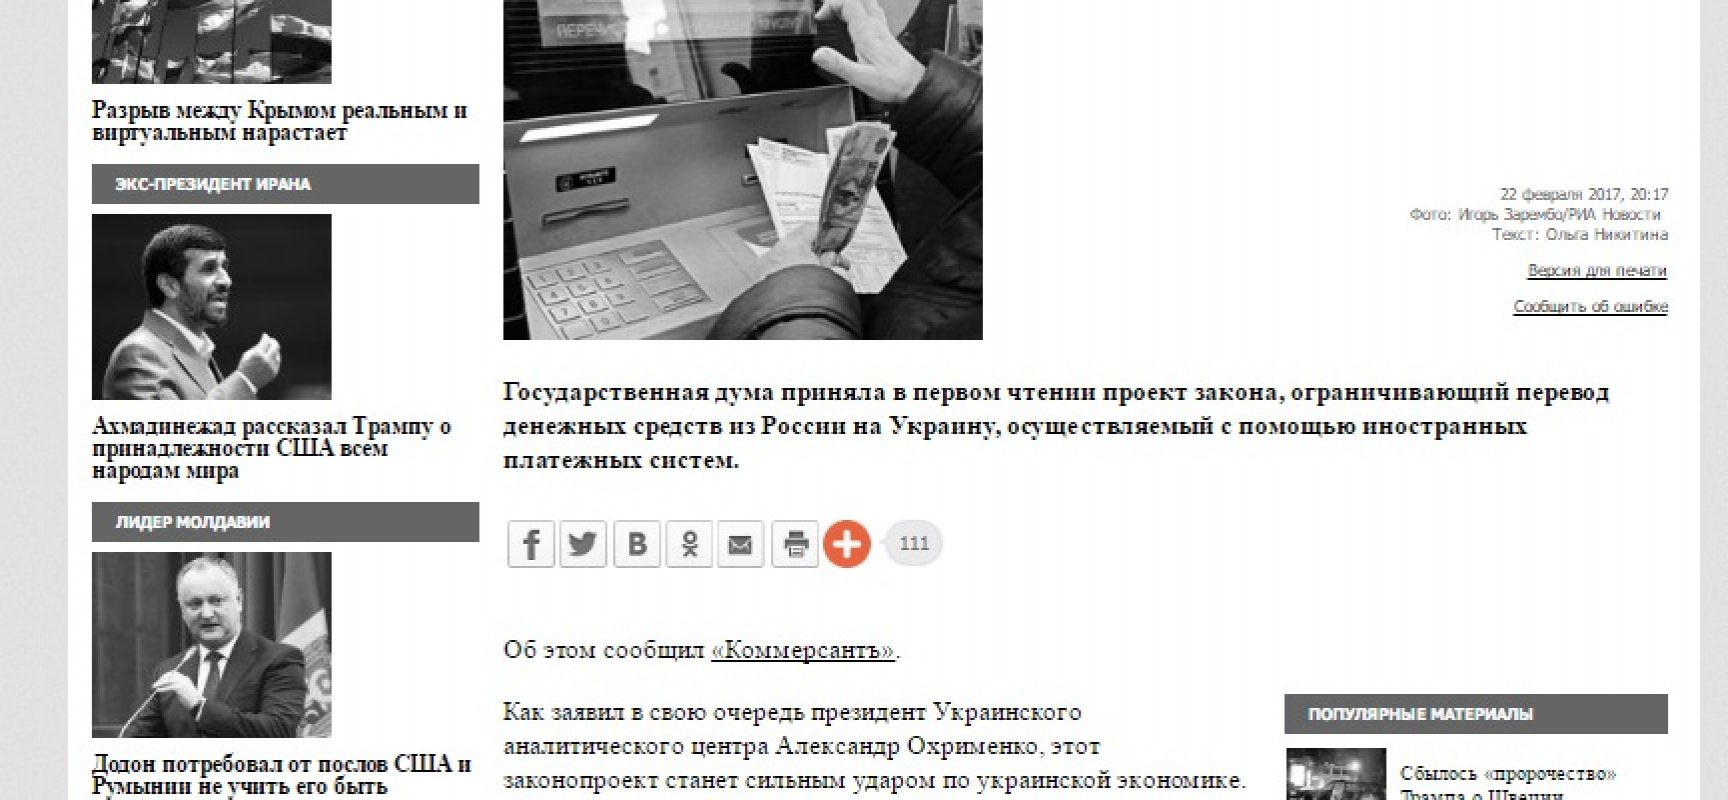 Fake : Il mercato vautario ucraino collasserà senza i trasferimenti dalla Russia